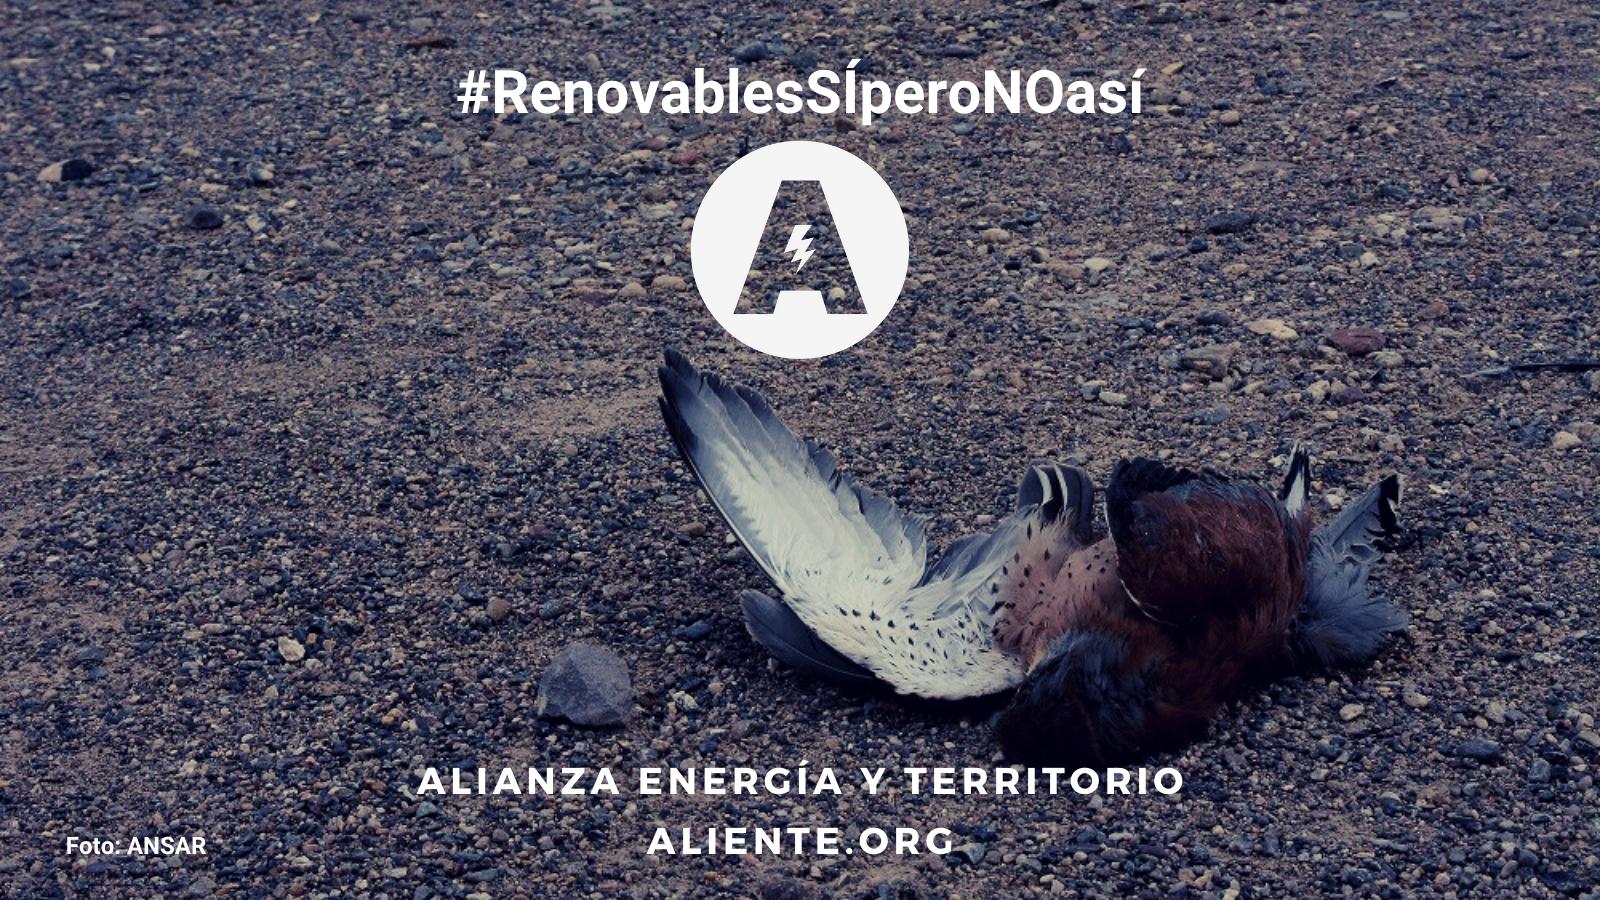 Nace Aliente para luchar por la biodiversidad frente a las renovables